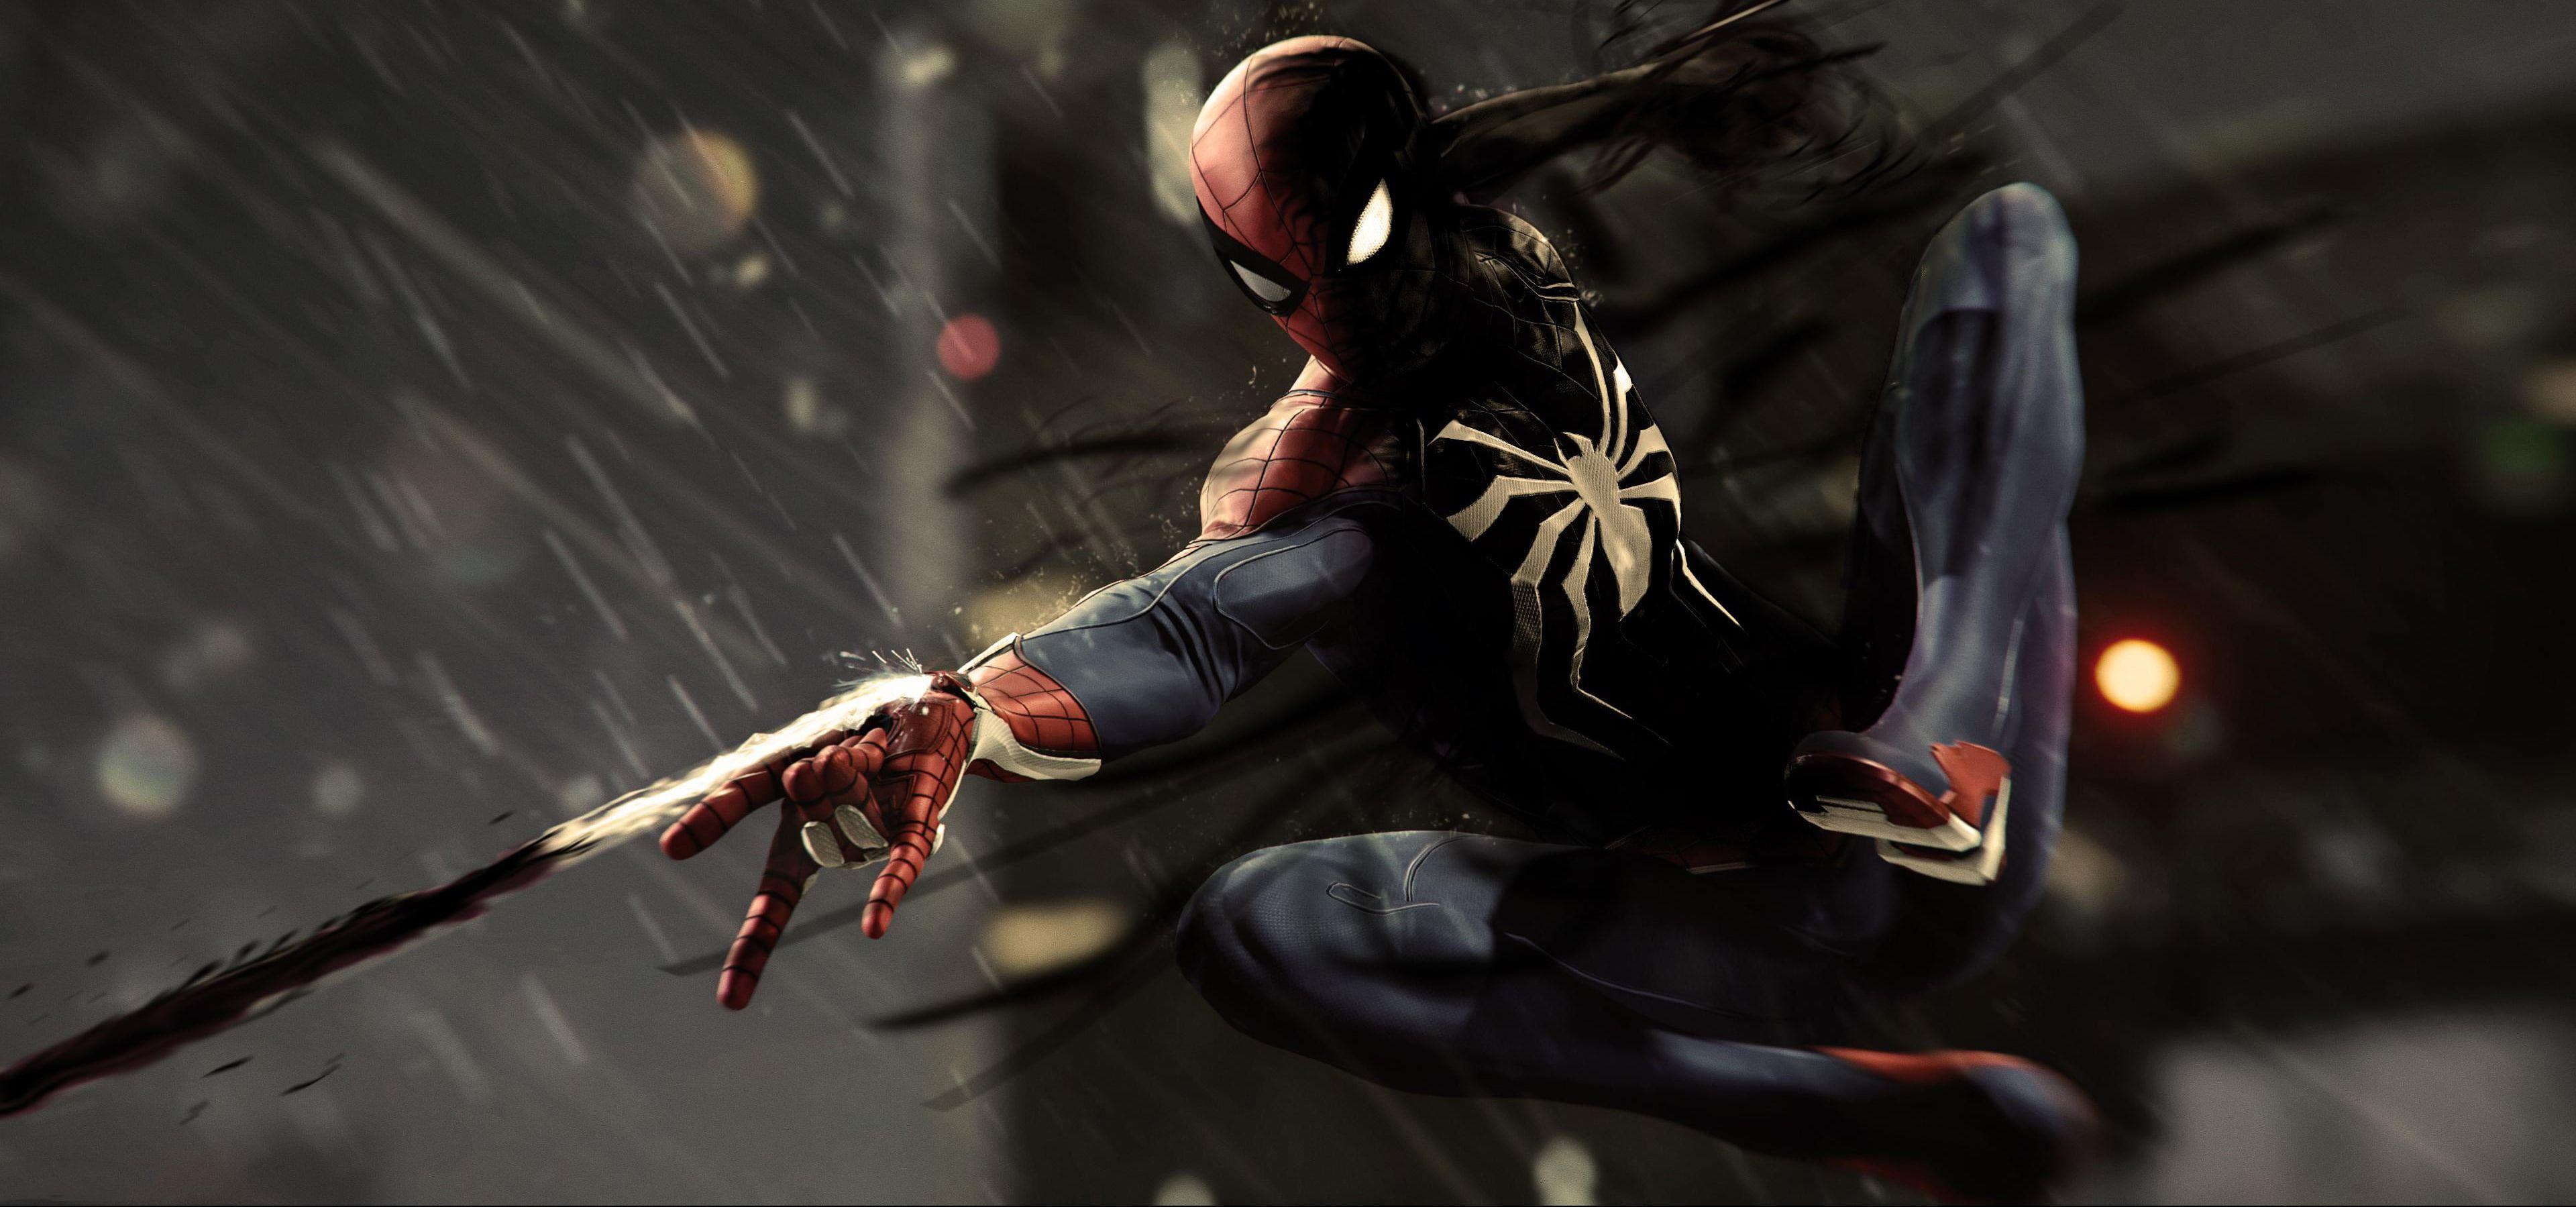 Spiderman Ps4 Games Hd 4k Games Superheroes Reddit Ps Games